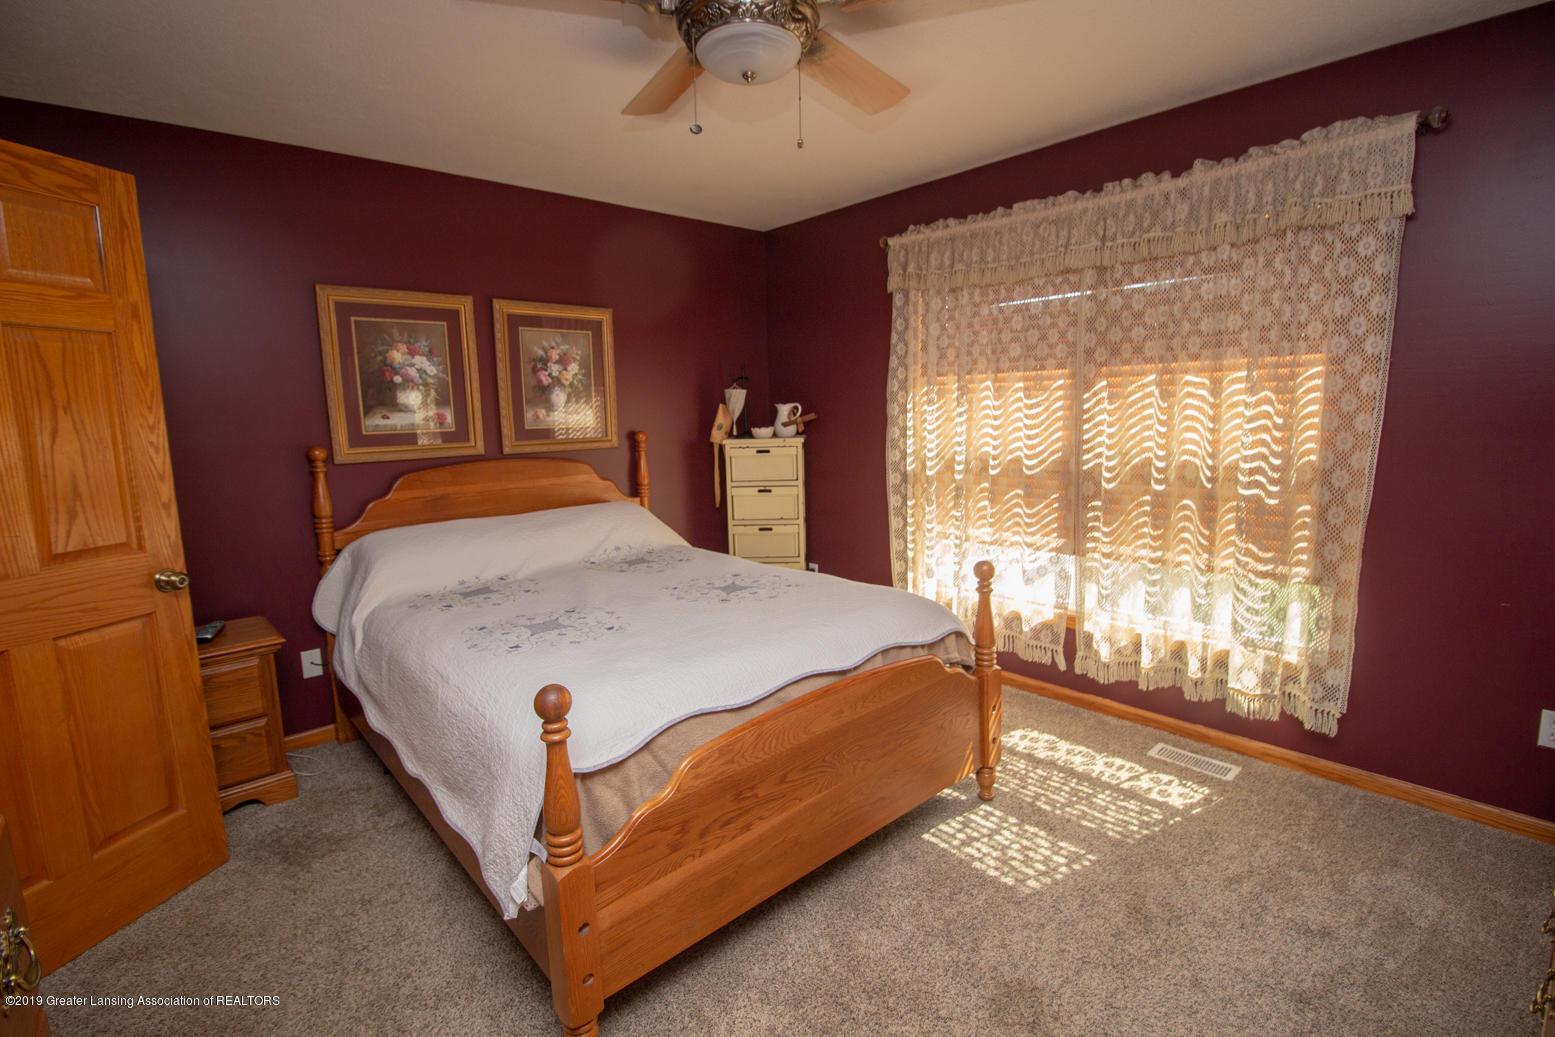 2021 Secretariat Ln - Master bedroom - 10